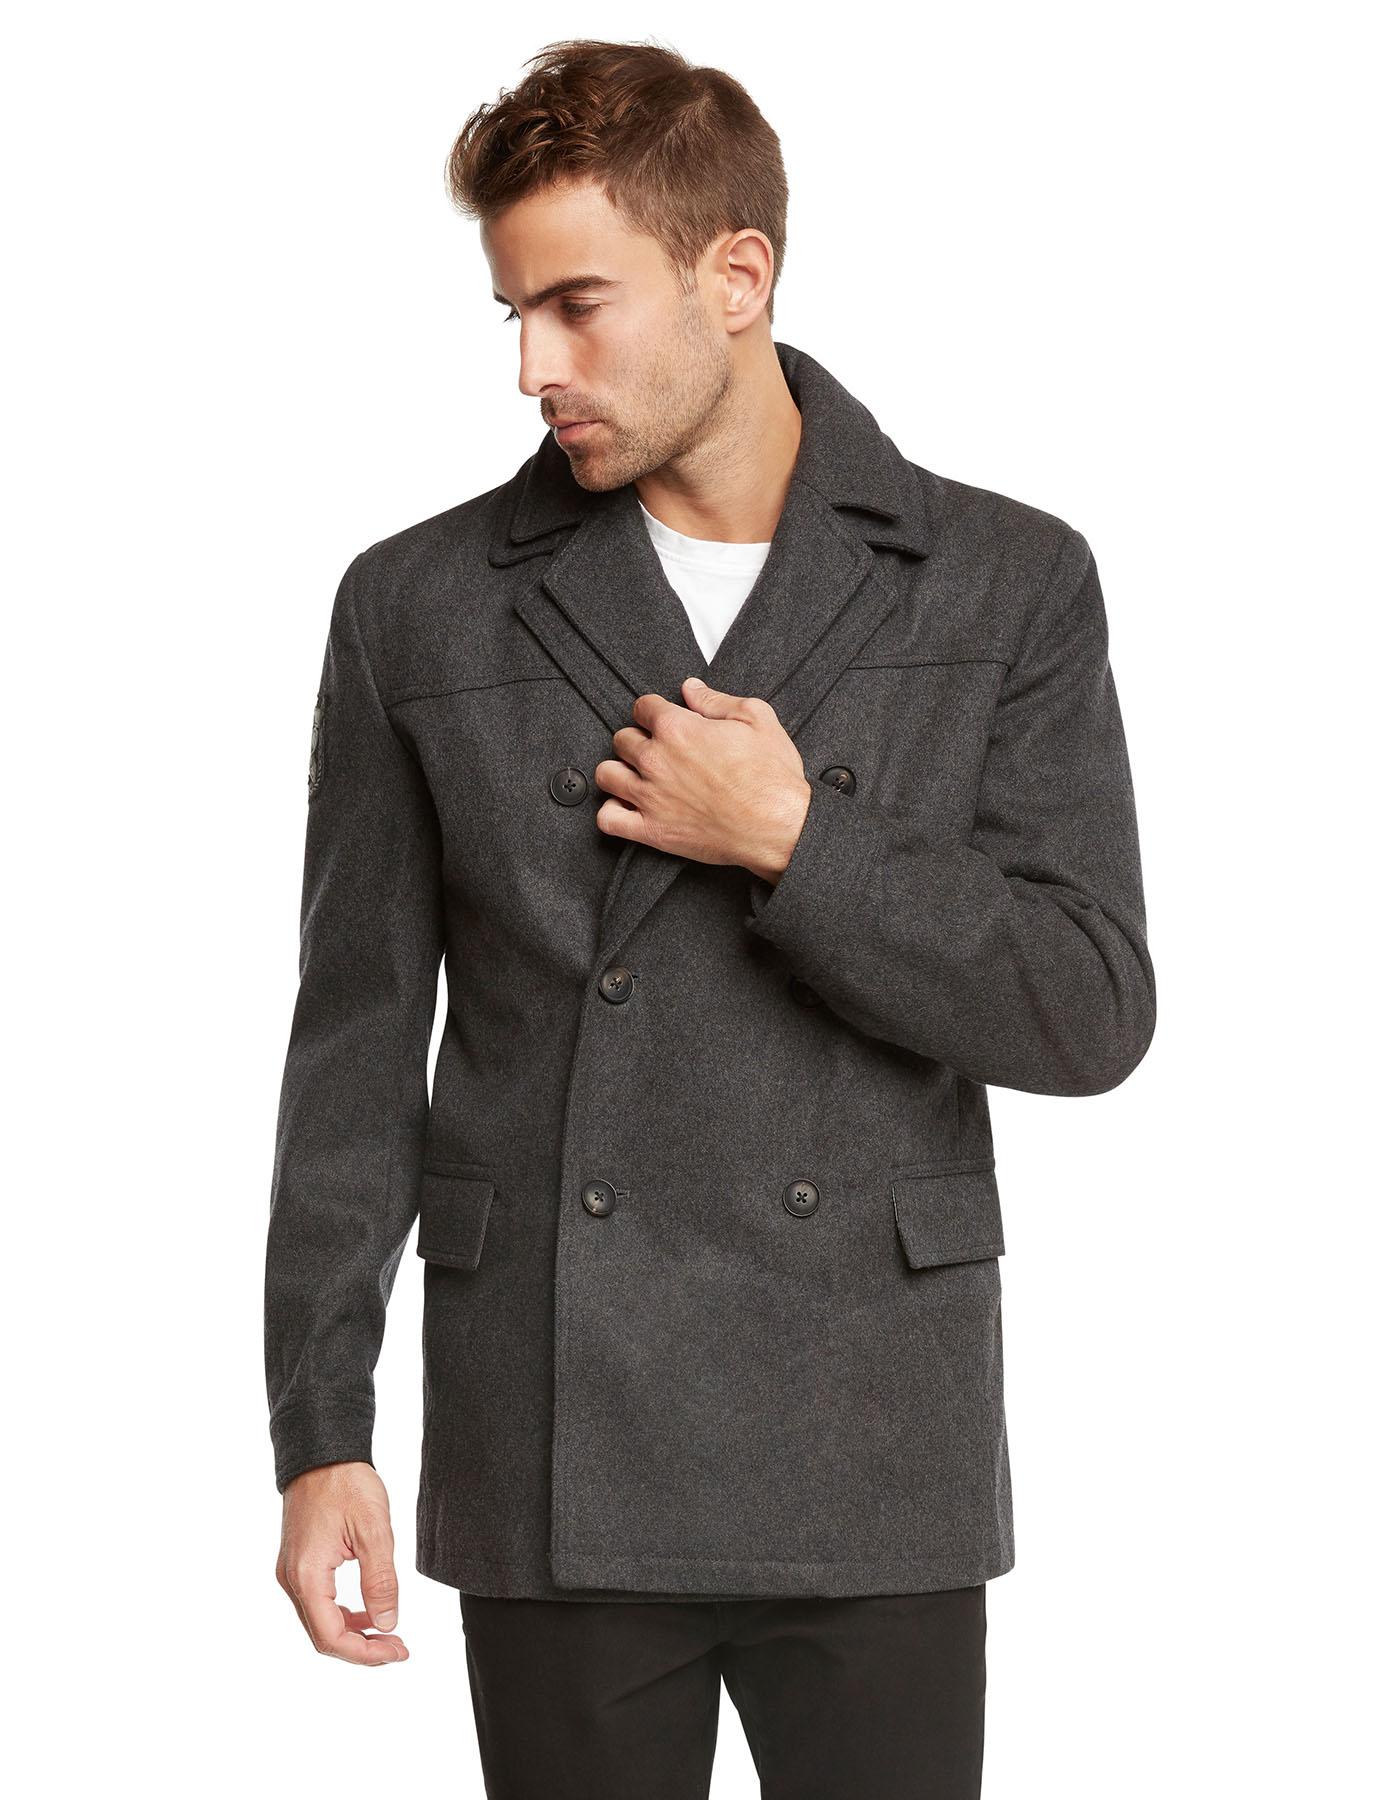 Men's Euro Slim Fit Wool Peacoat Jacket by Jack & Jones | eBay